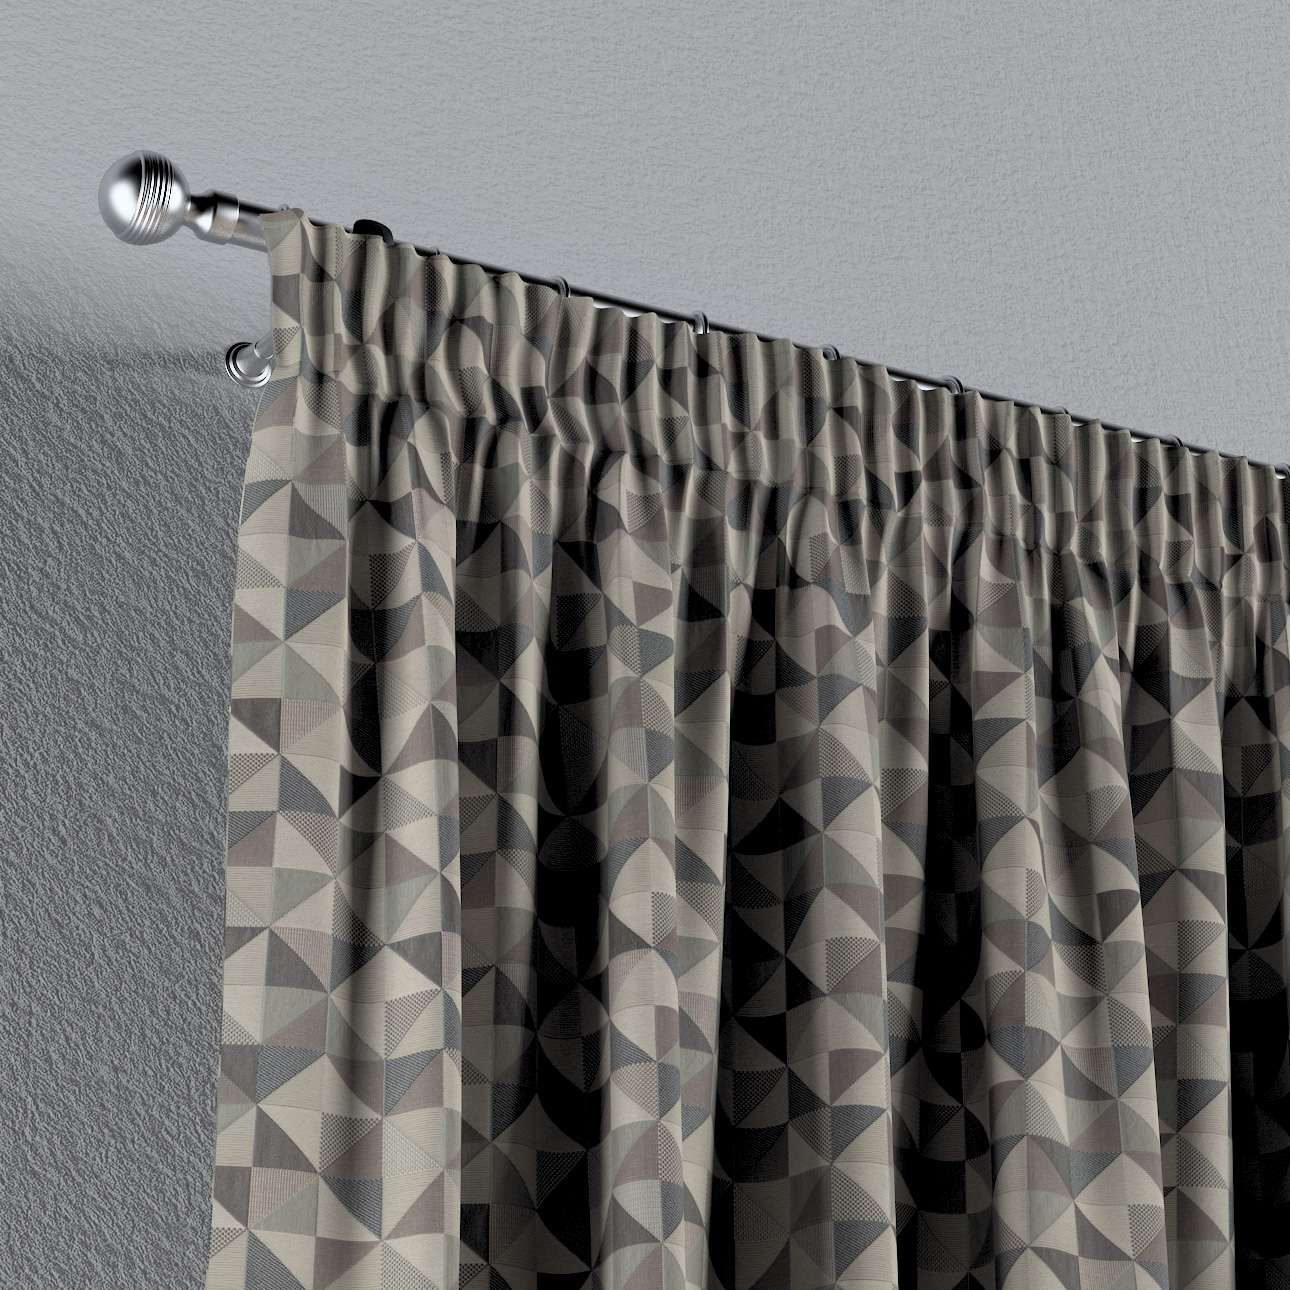 Vorhang mit Kräuselband von der Kollektion SALE, Stoff: 142-84